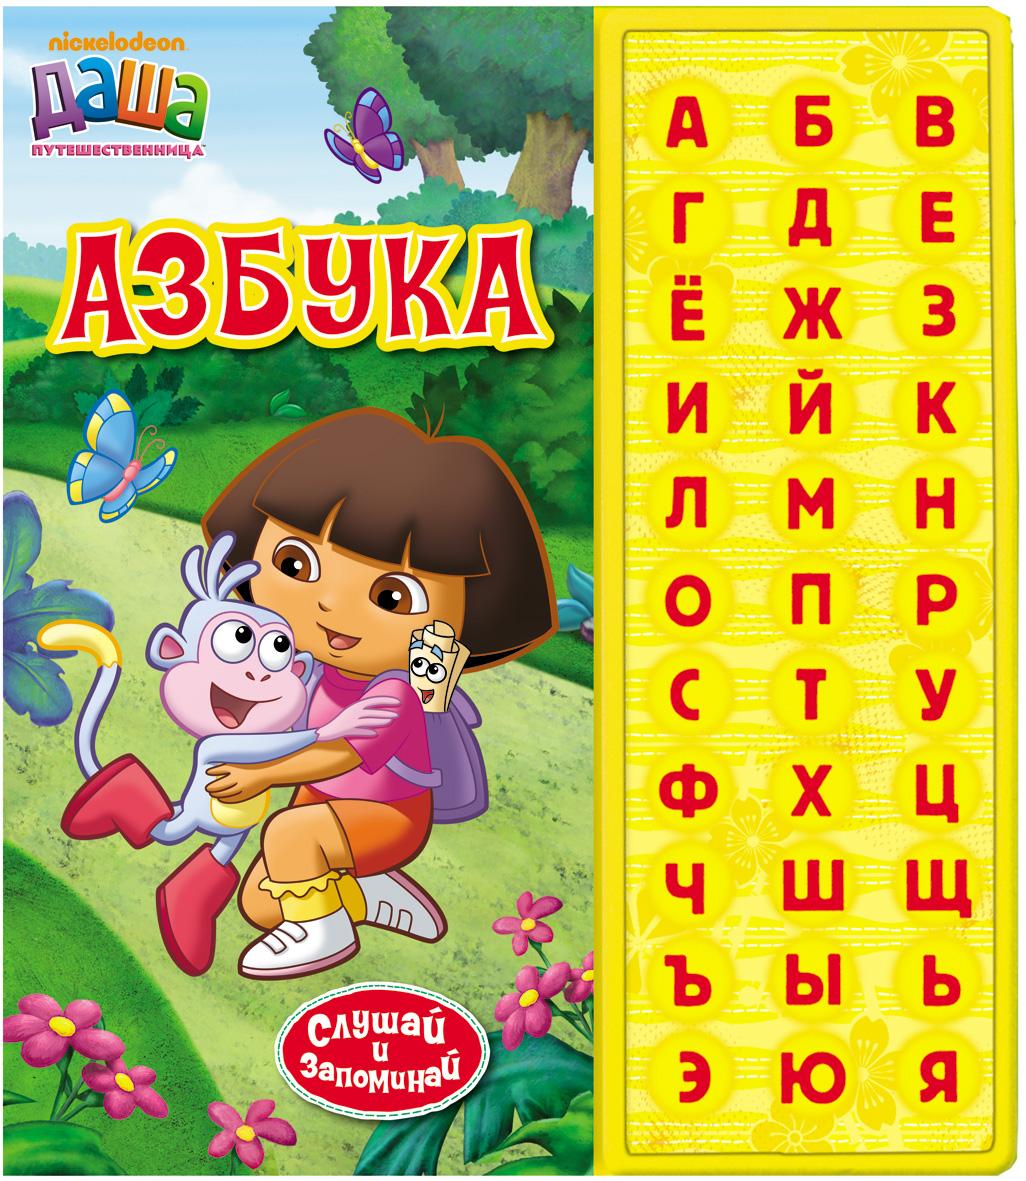 Книга «Азбука» из серии Даша-путешественницаГоворящие азбуки<br>Книга «Азбука» из серии Даша-путешественница<br>